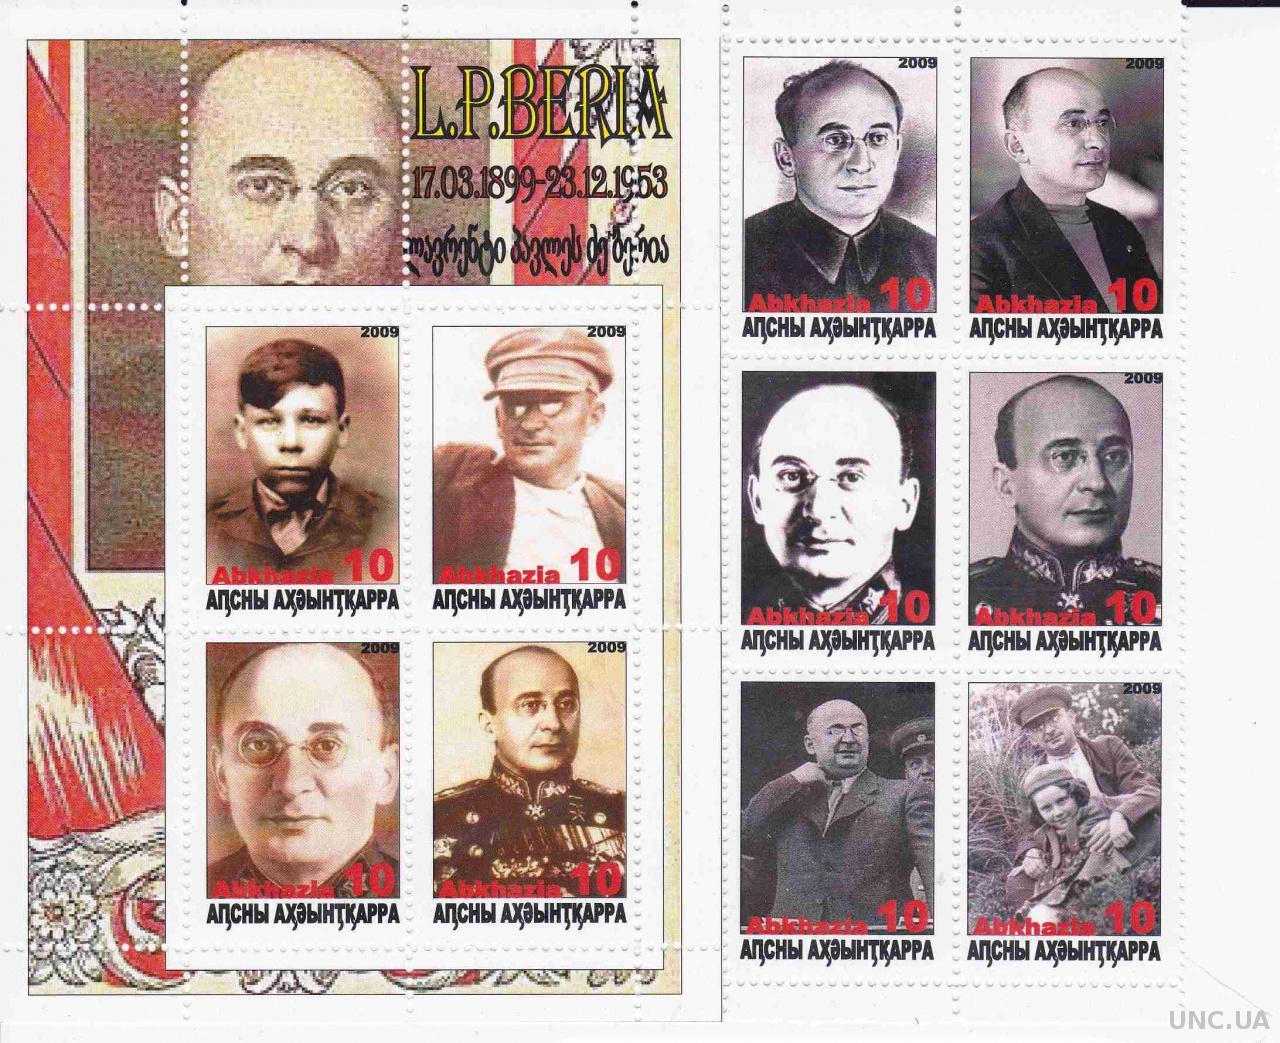 Глав НКВД Лаврентий Берия, один из организаторов советского террора, на неофициальном выпуске марок